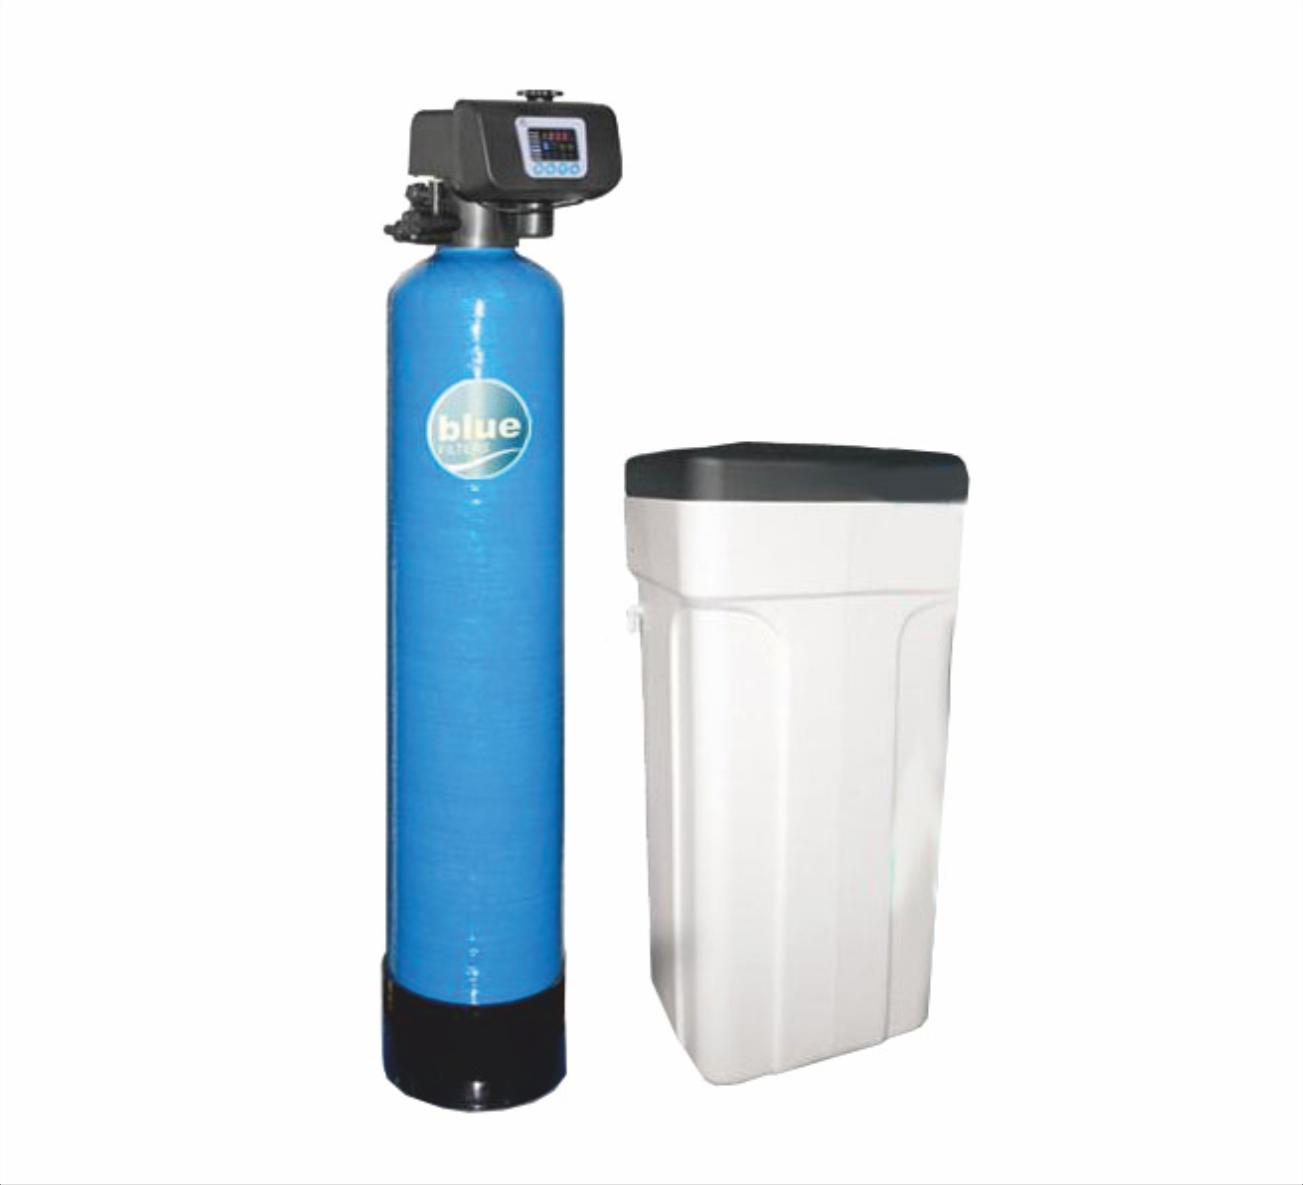 картинка Фильтр для скважины Bluefilters Softener BD60 умягчитель воды